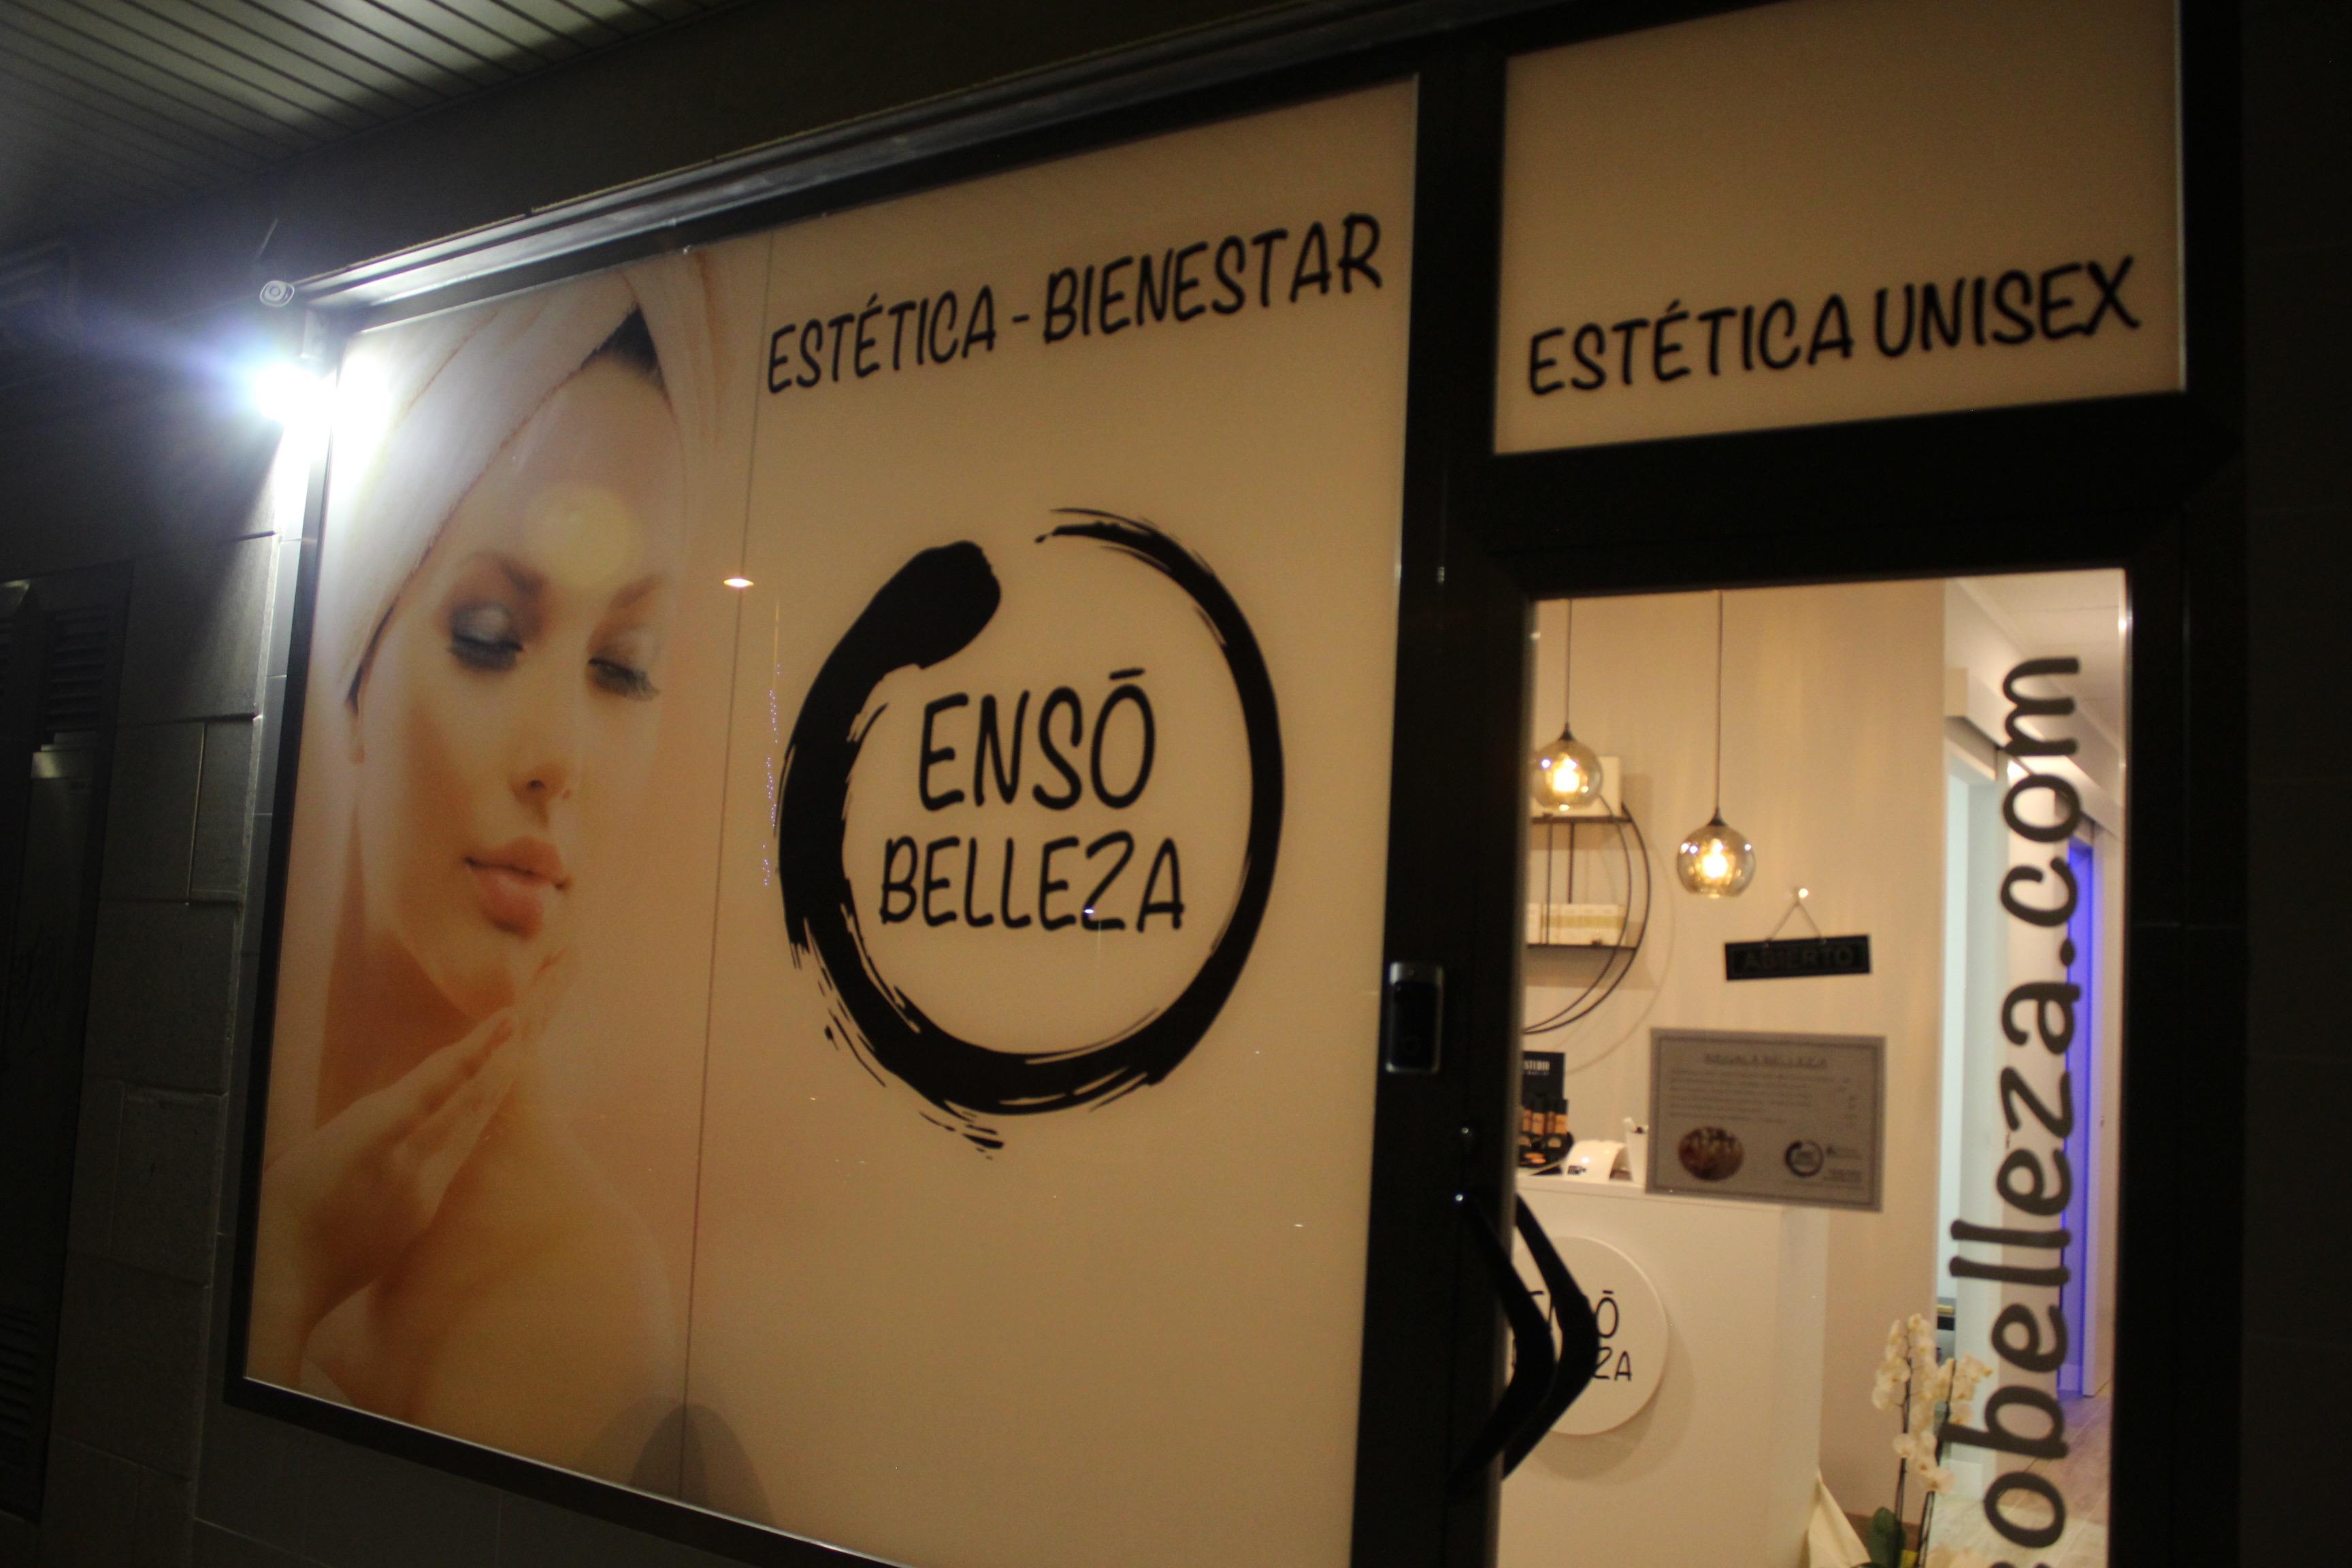 ENSO Belleza